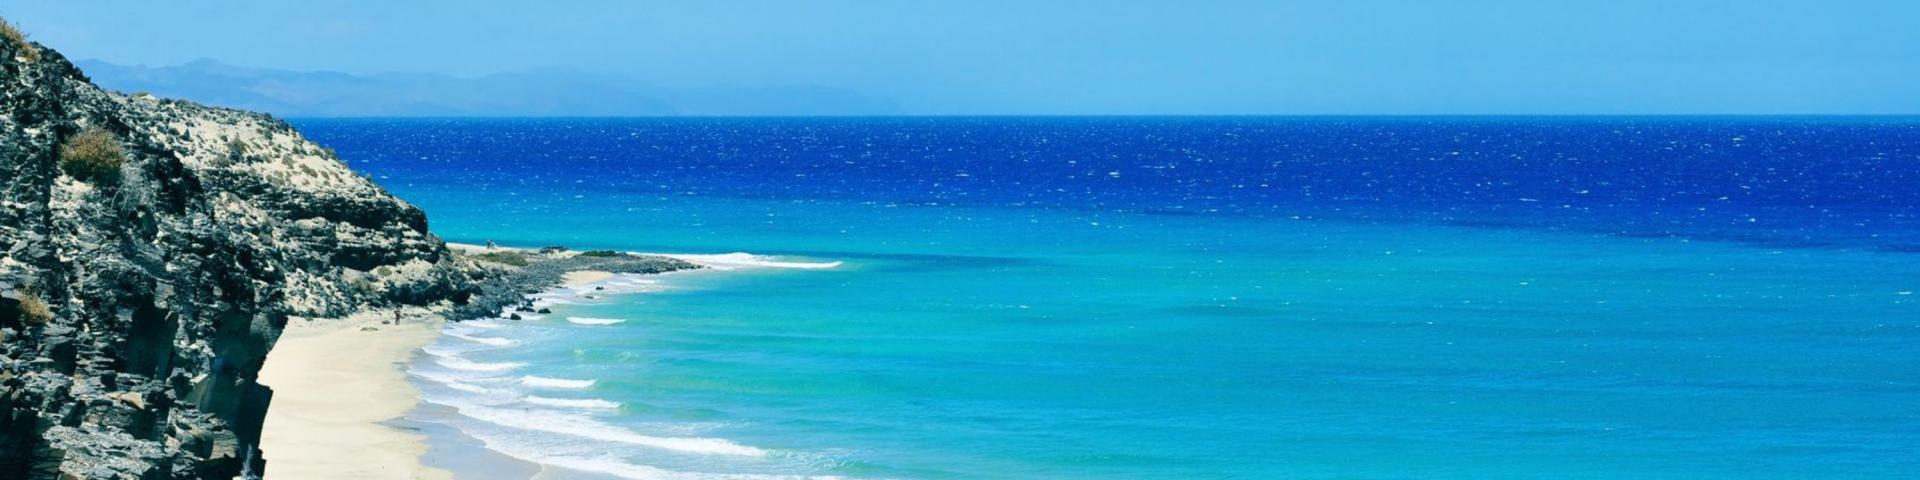 Zeit für die Kanarischen Inseln!